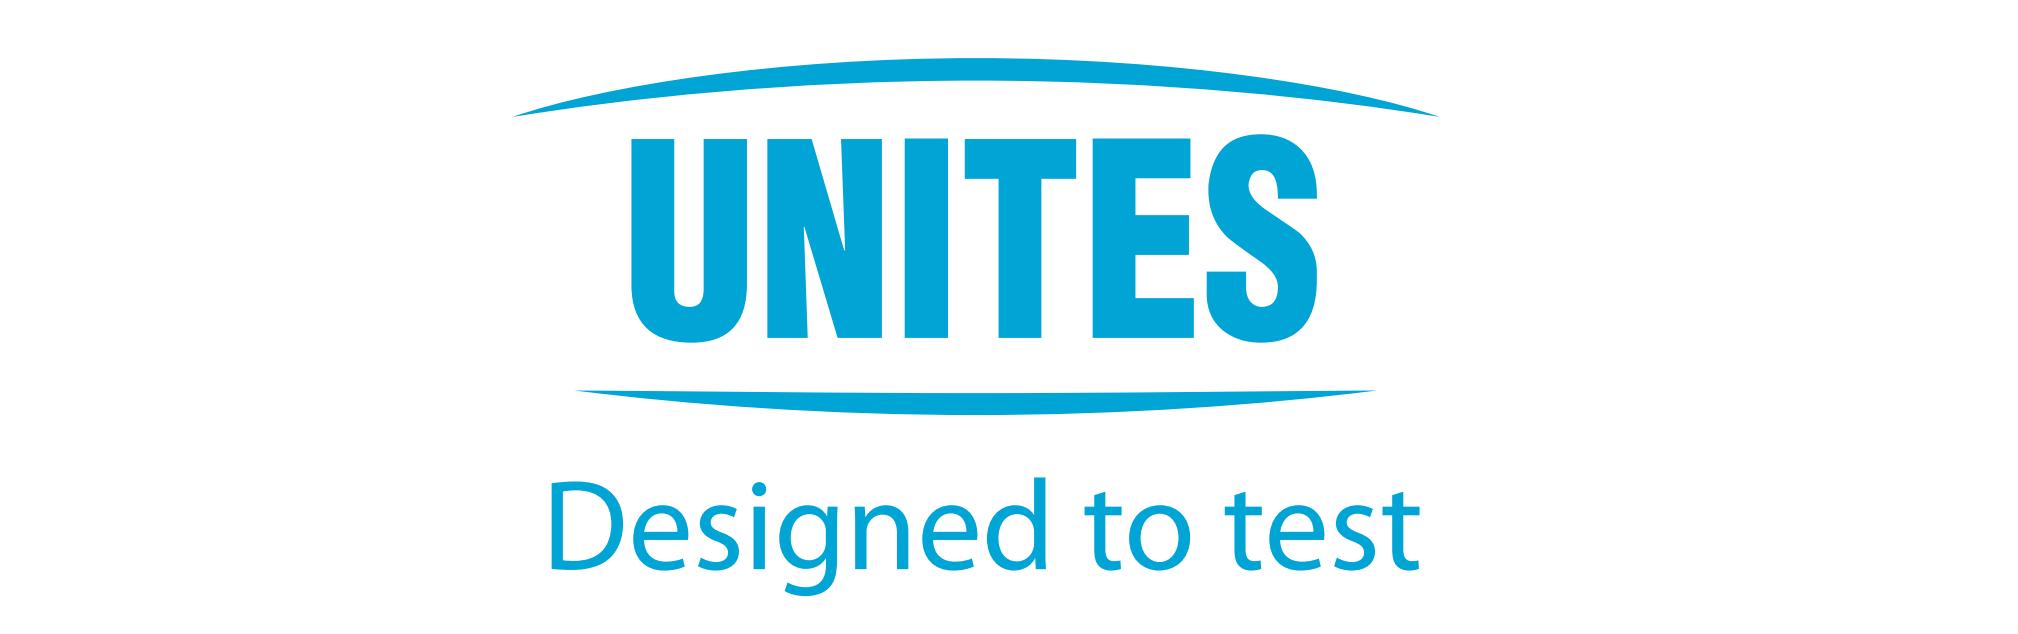 unites1